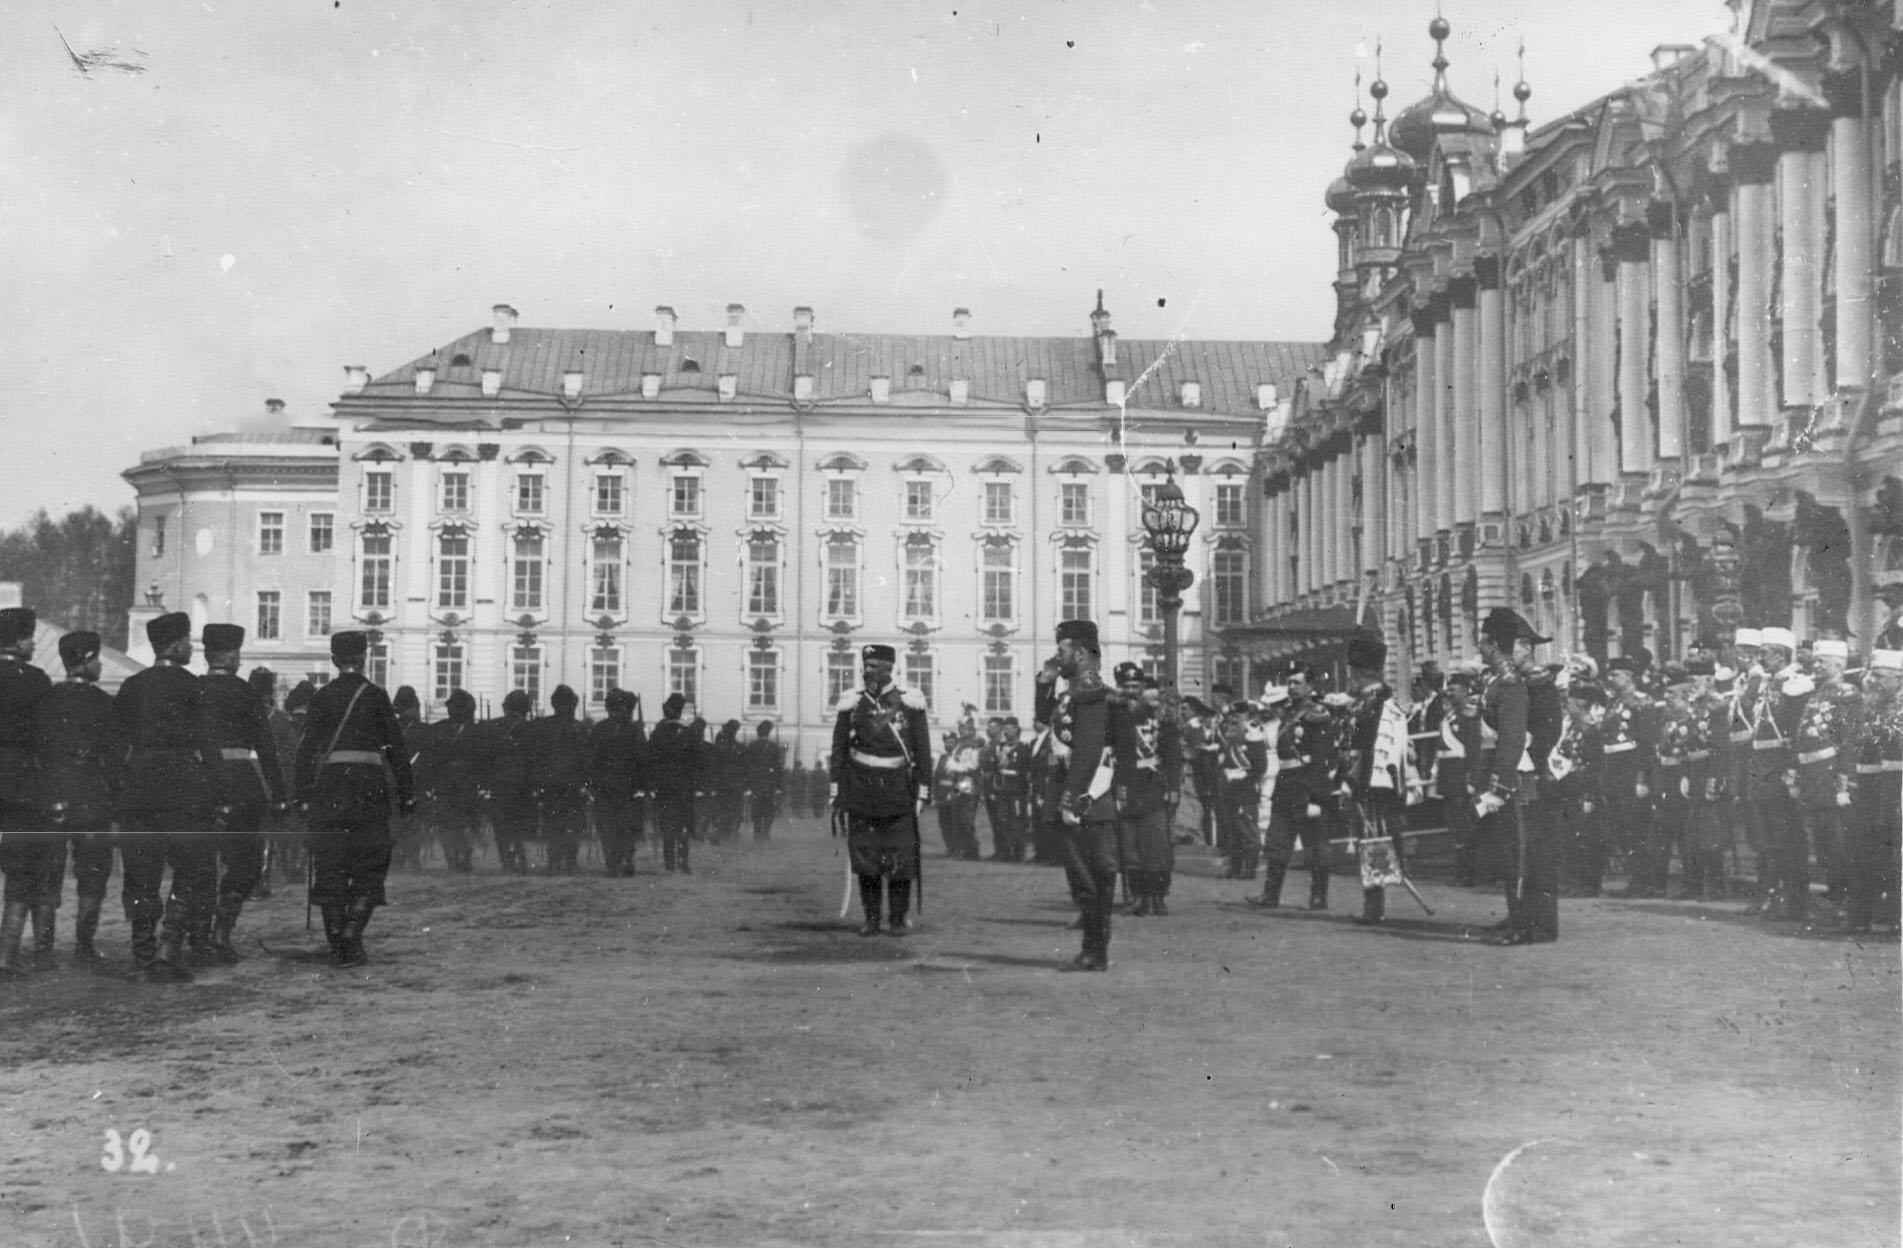 Император Николай II принимает парад 1-го, 2-го, 4-го батальонов лейб-гвардии стрелковой бригады